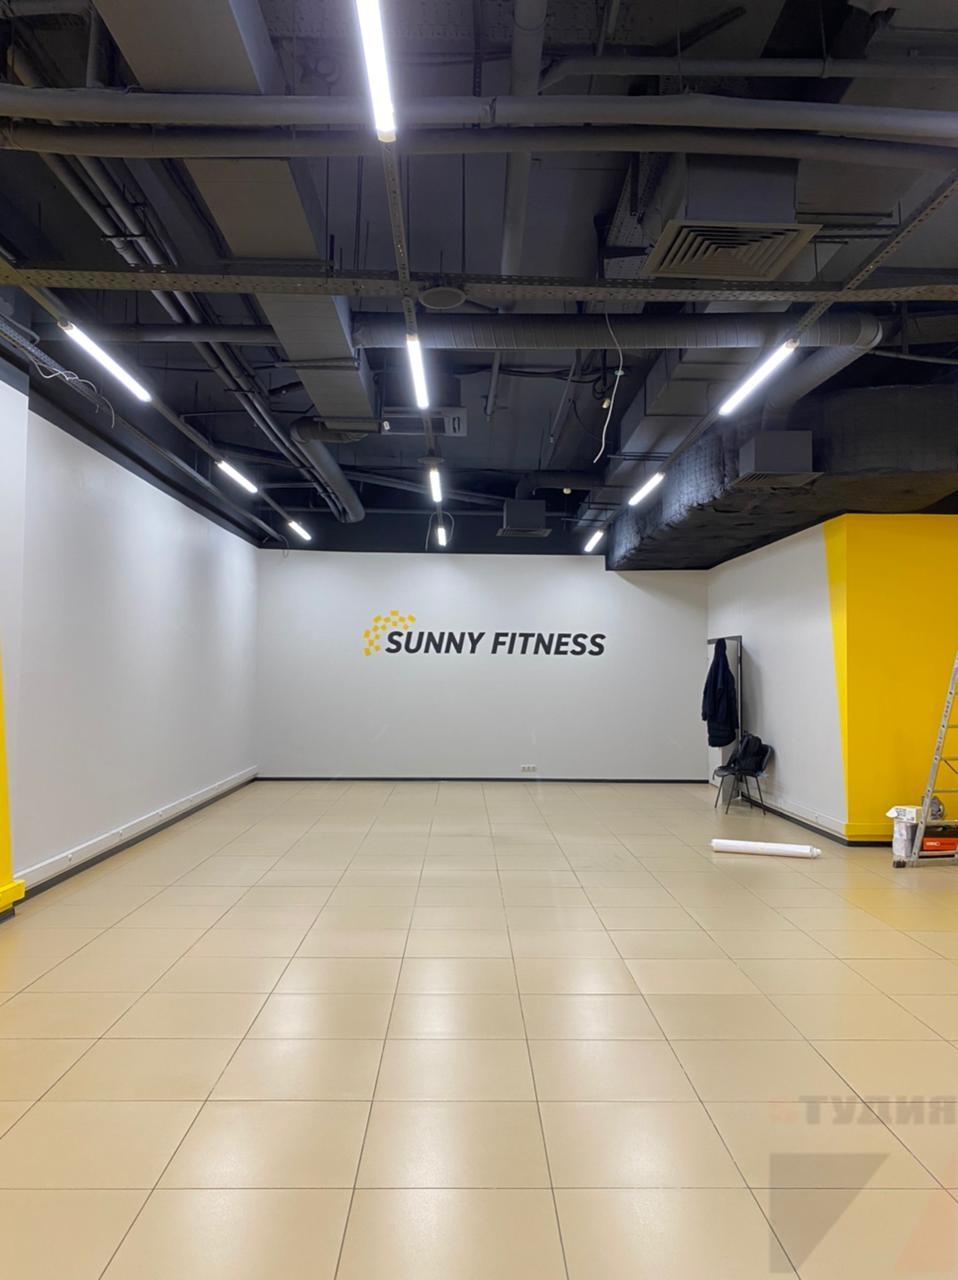 Роспись стен Нанесение логотипа Sunny Fitness